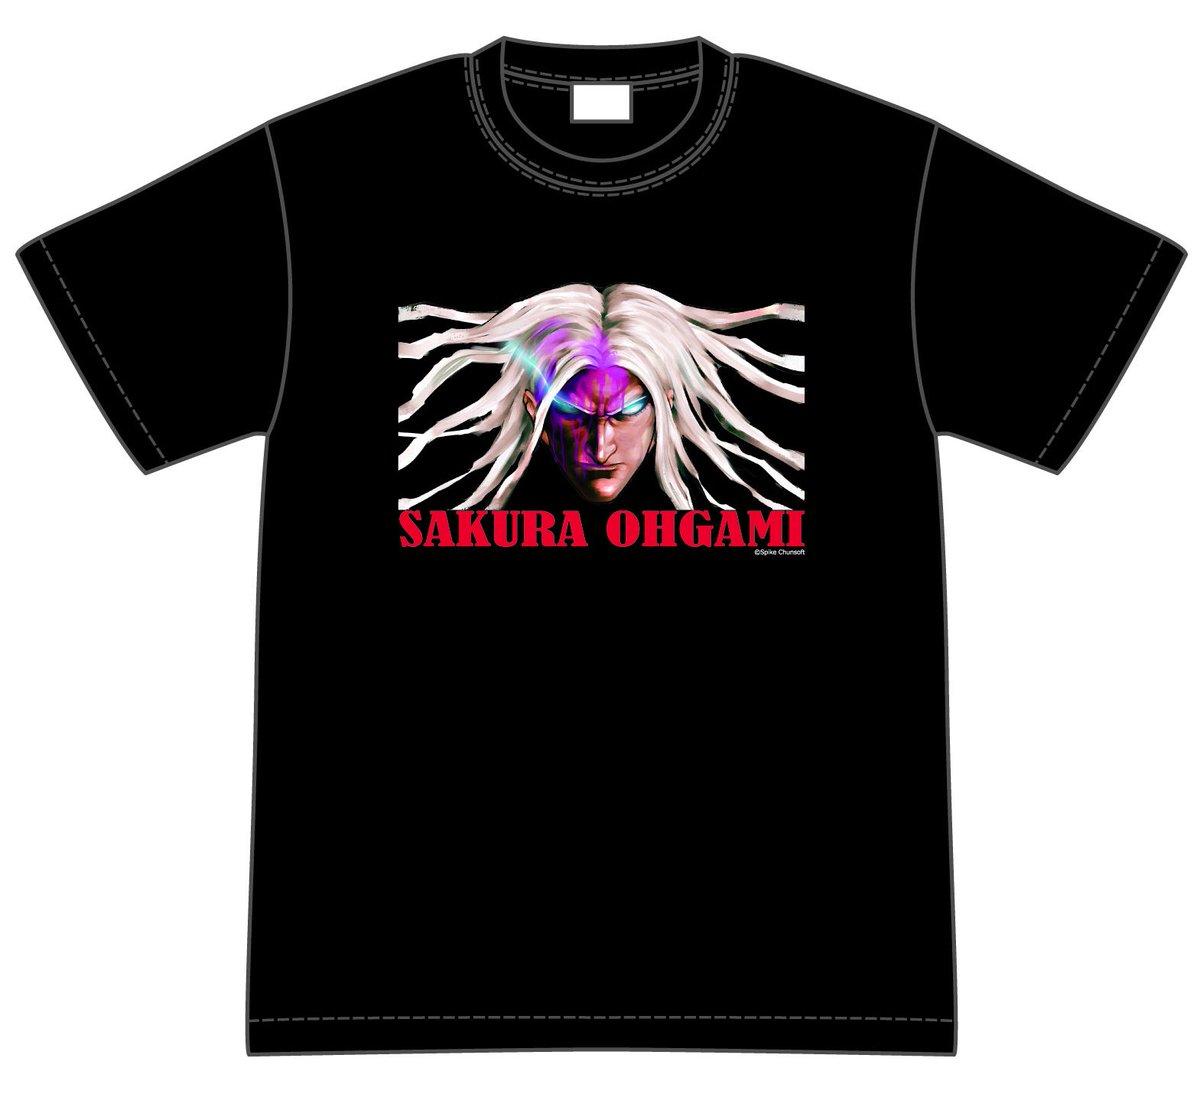 【ダンガンロンパ】みなさんダンガンワ!今日紹介する商品は、こちら!LimitedBase限定、大神さくらTシャツ(税抜: